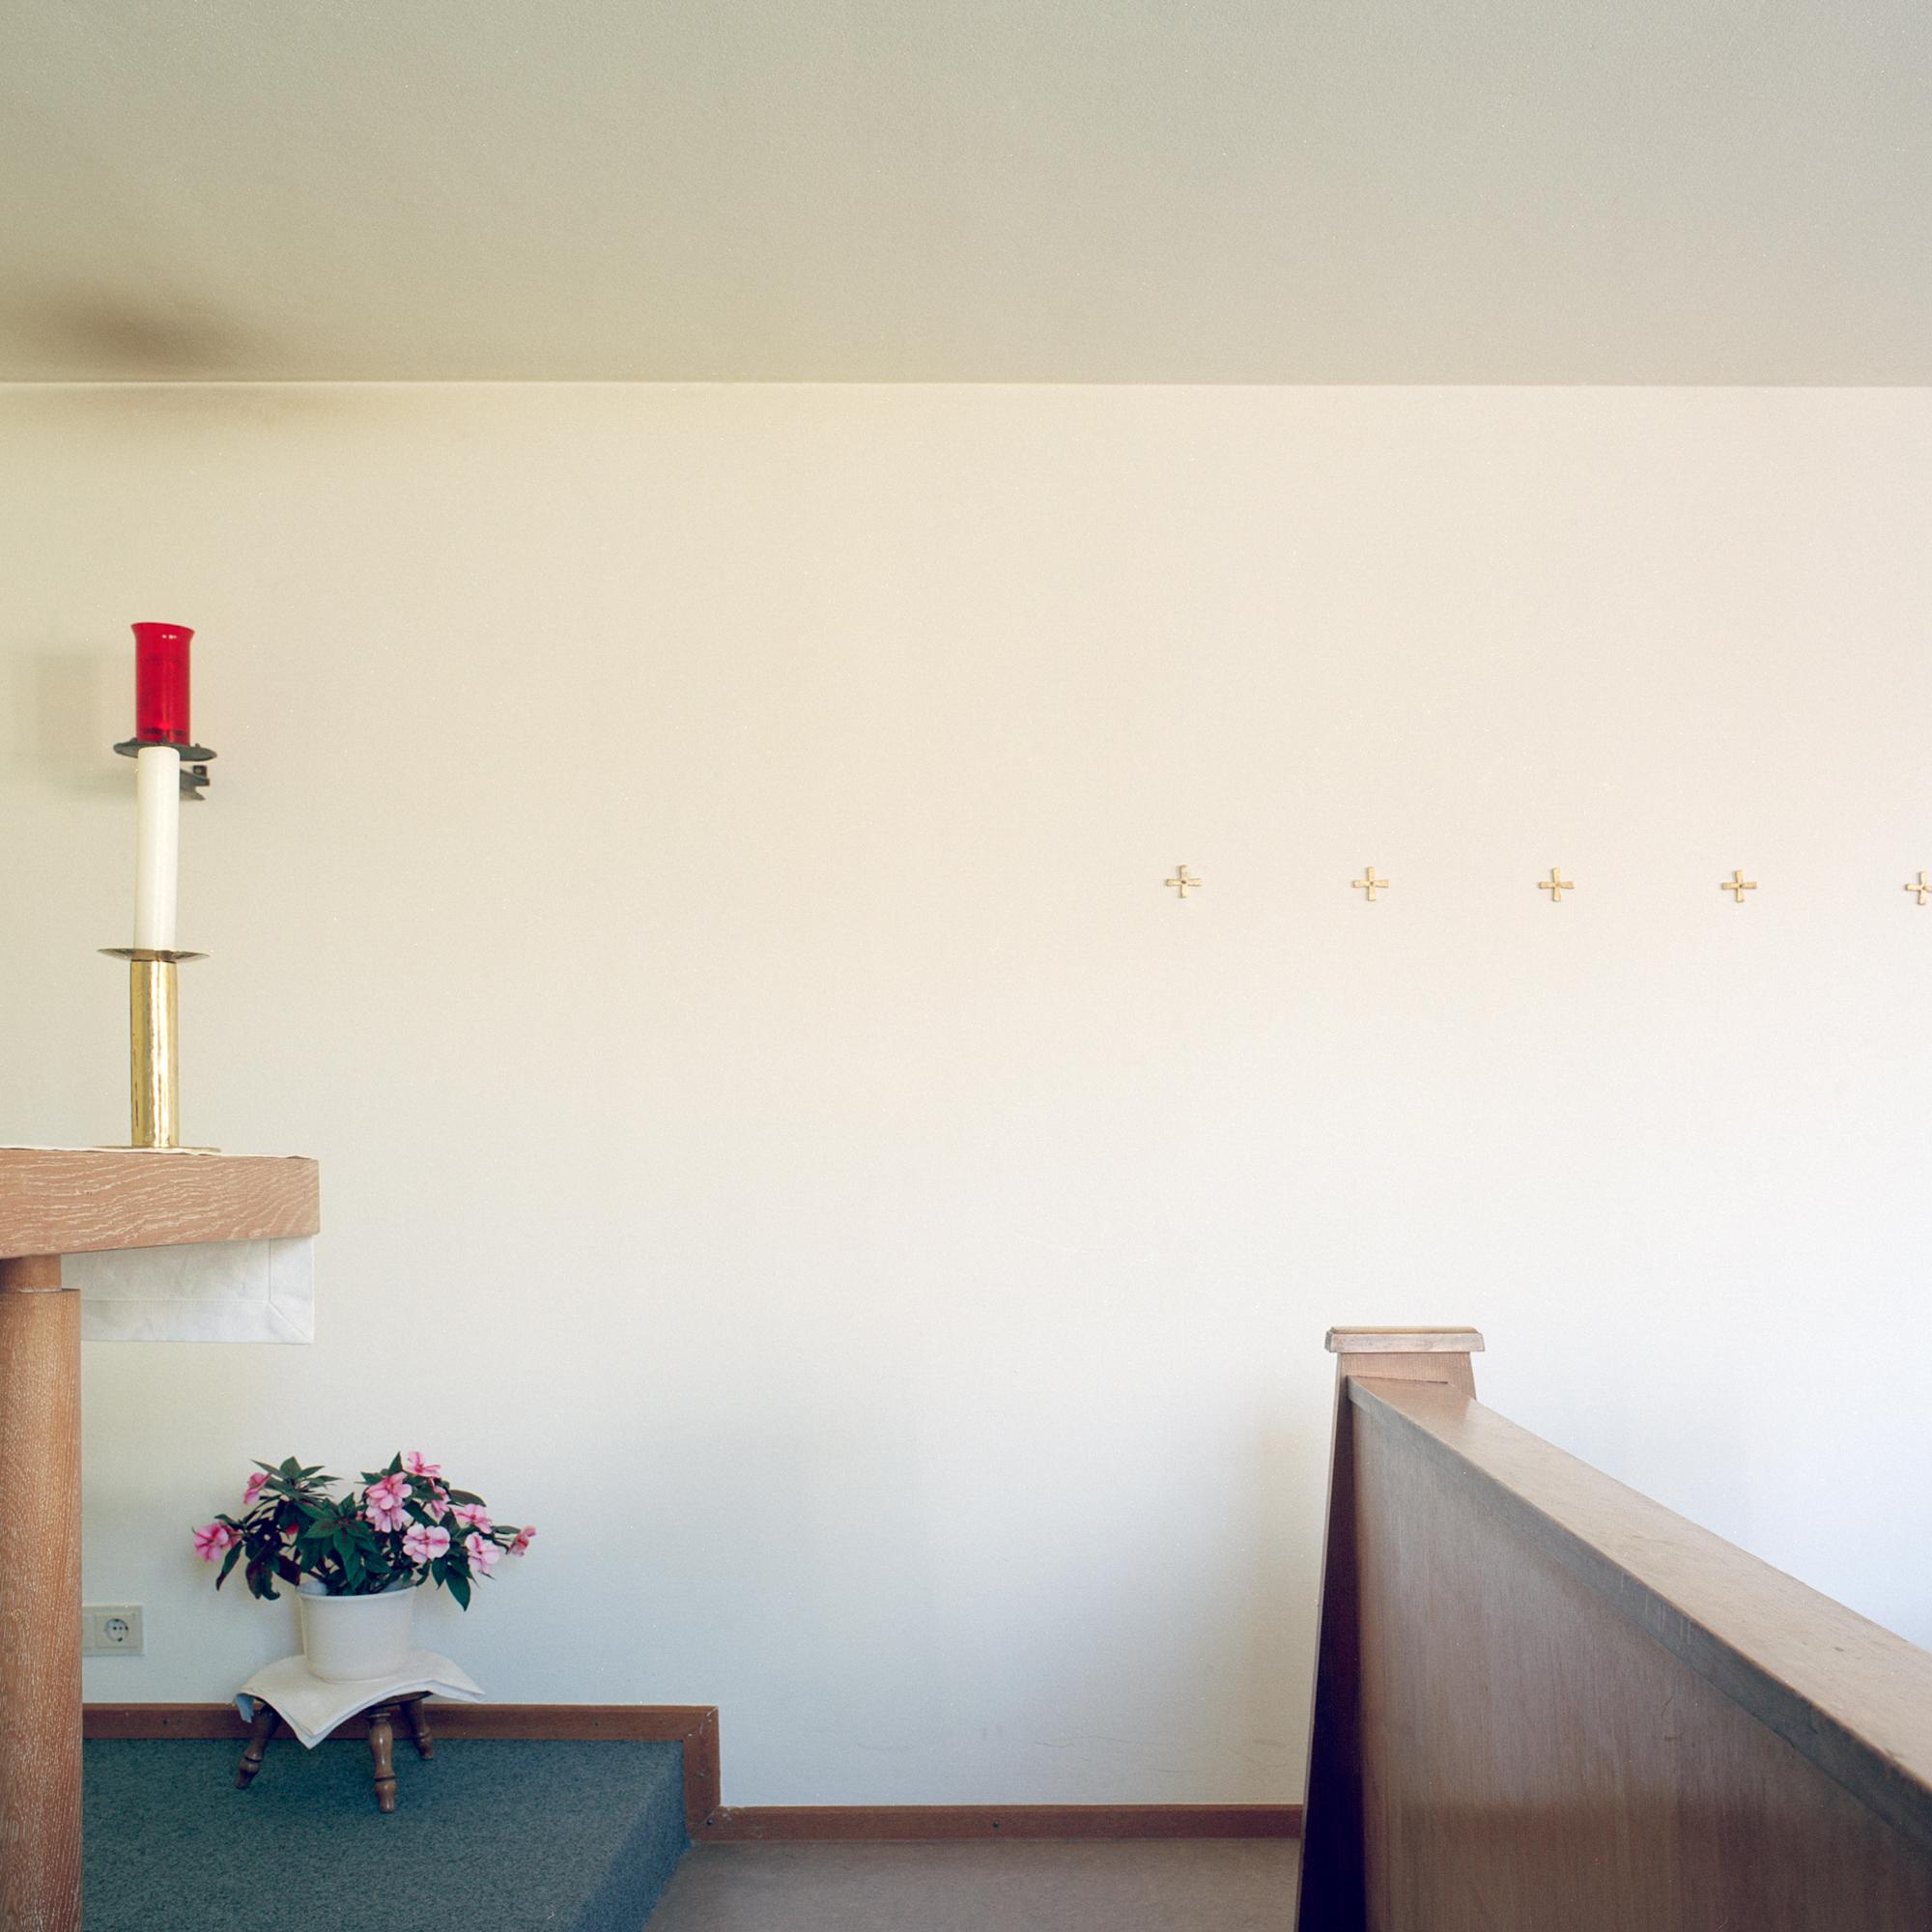 Marienstift, München. Kapelle im Altenheim Marienstift Muenchen in der Klugstrasse 144, Muenchen am 17. Januar 2011. Fotograf Evi Lemberger